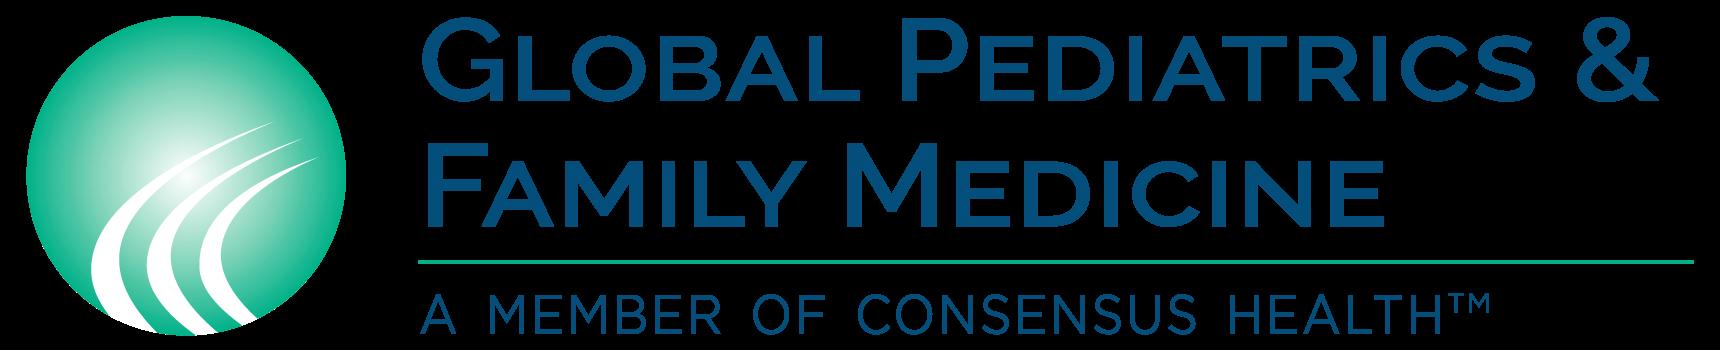 Global Pediatrics & Family Medicine